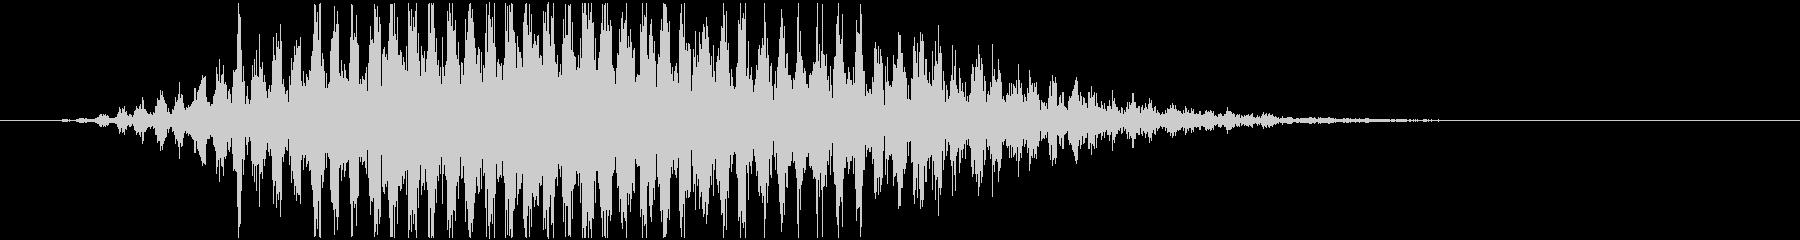 トランジション ヒューシュフラッター28の未再生の波形